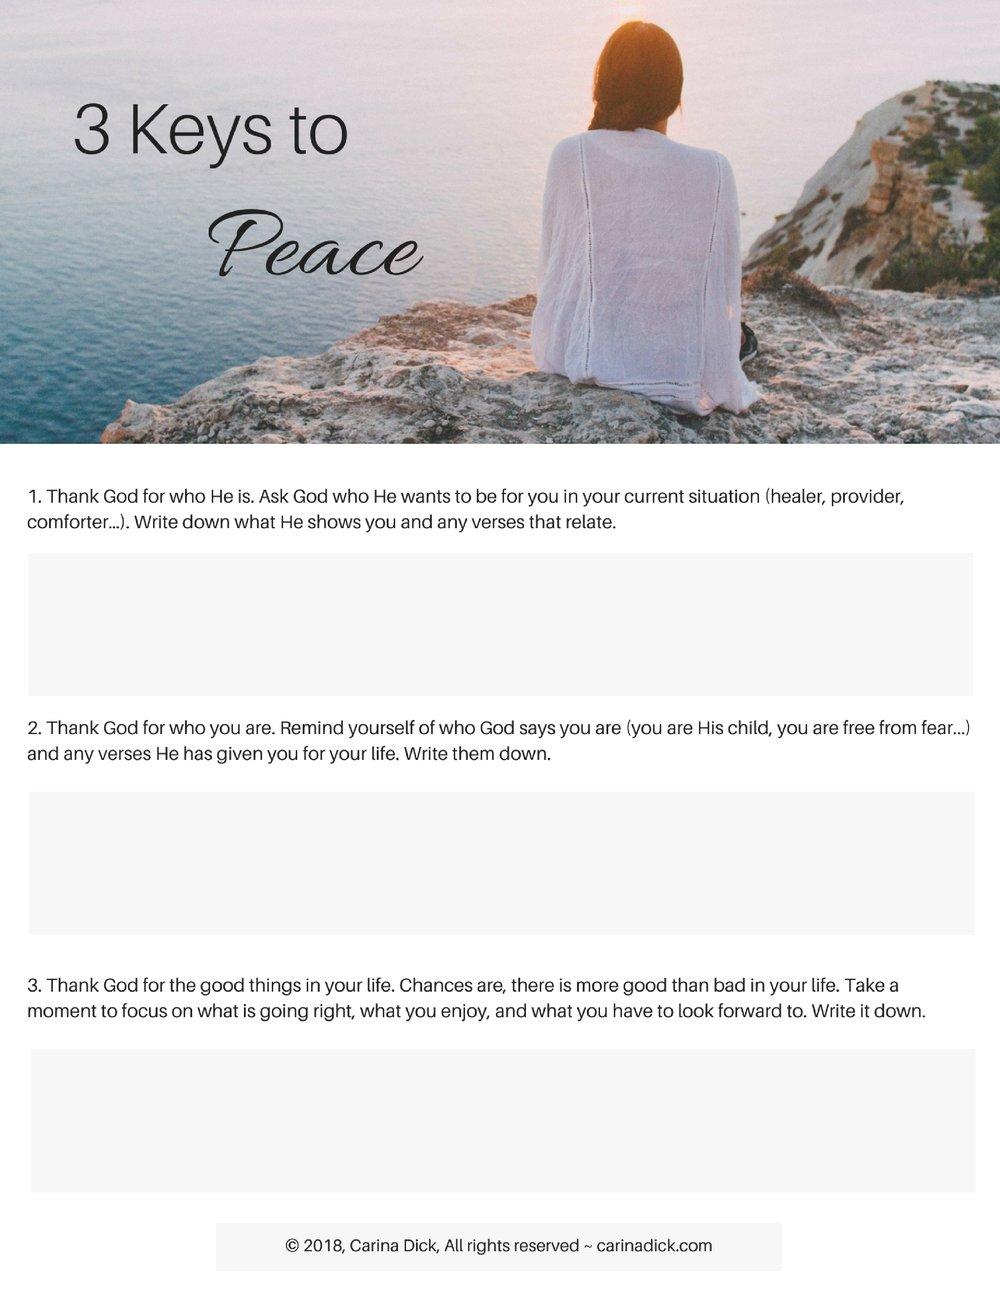 Image 3 Keys to Peace Worksheet.jpg